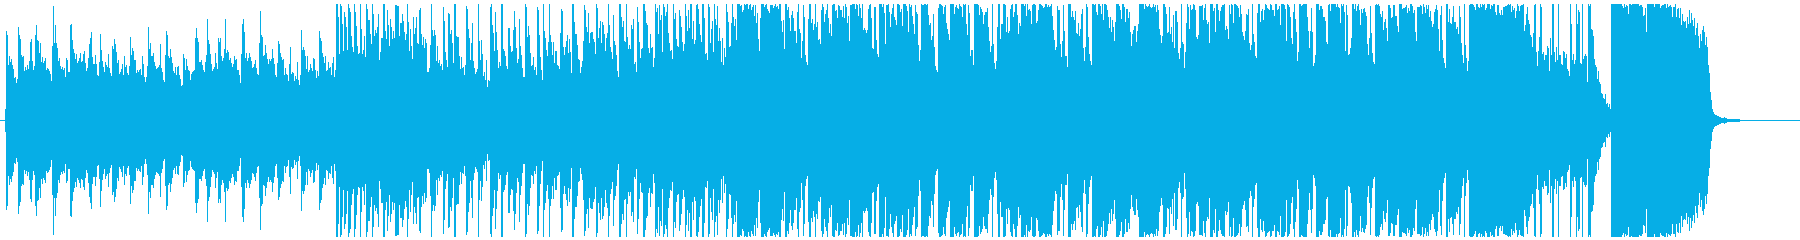 ★リズミカルなピアノが印象的なセッションの再生済みの波形